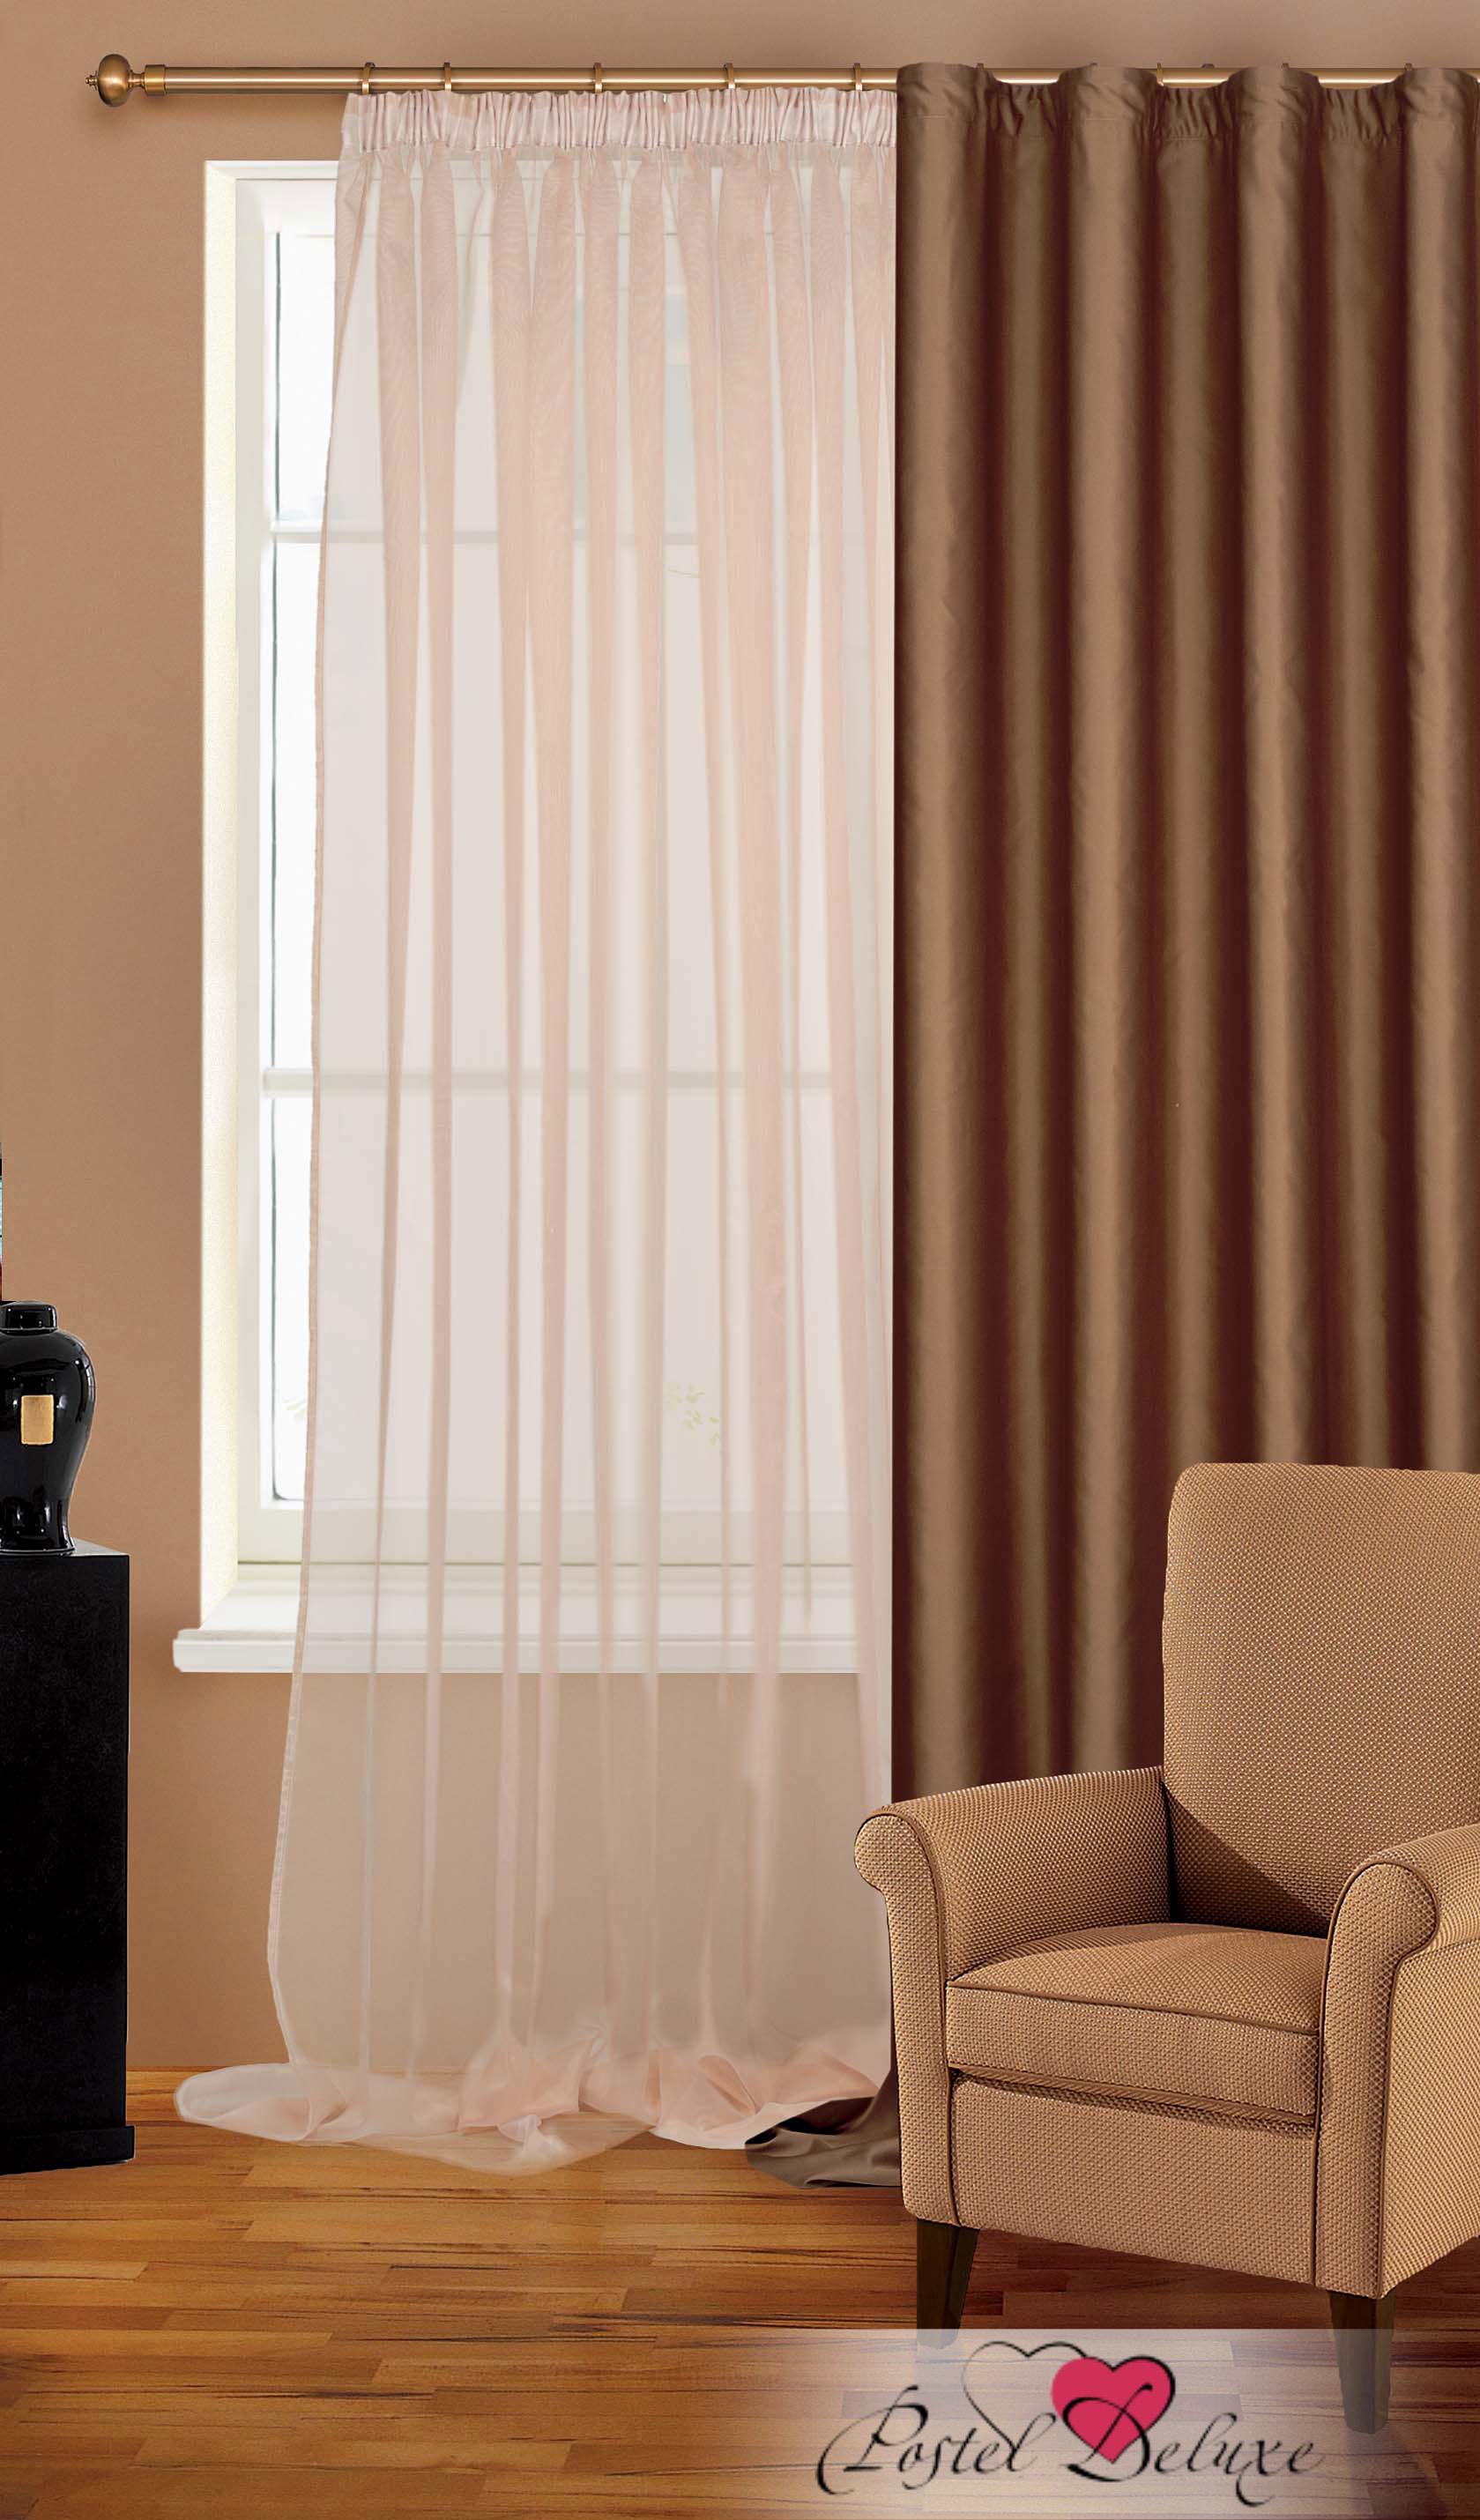 Купить Шторы Garden, Классические шторы Judith Цвет: Бежевый, Турция, Органза